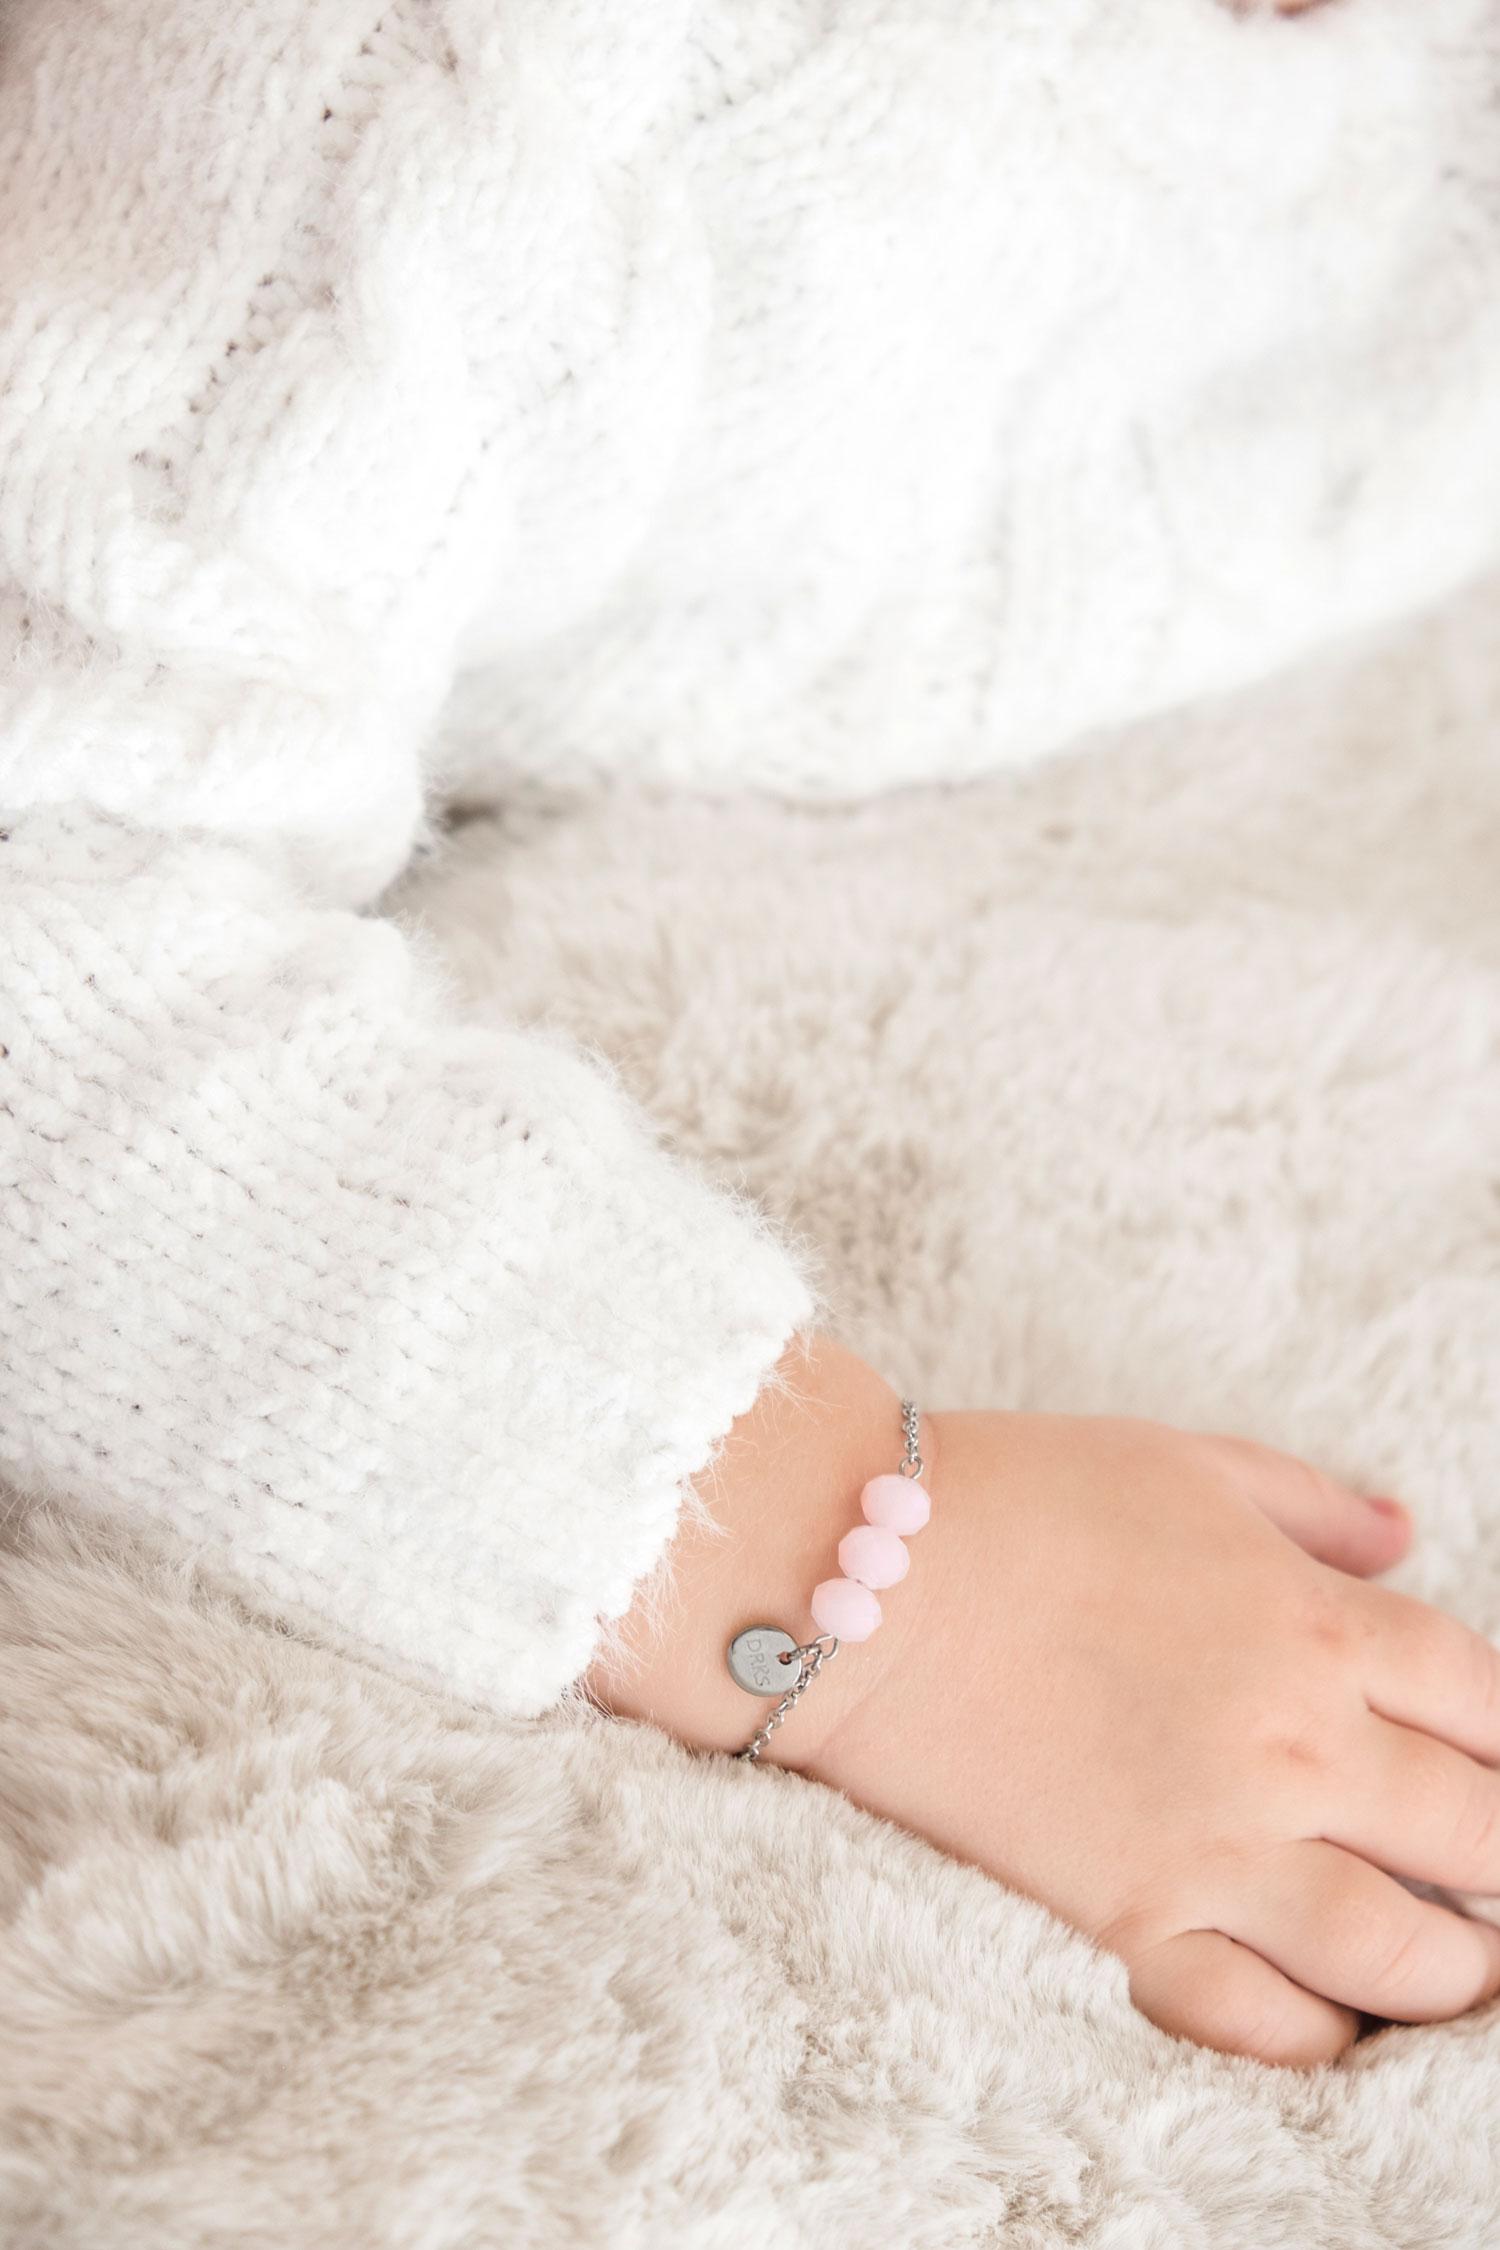 Mooie armband met kraaltjes voor de kleinsten kinderen